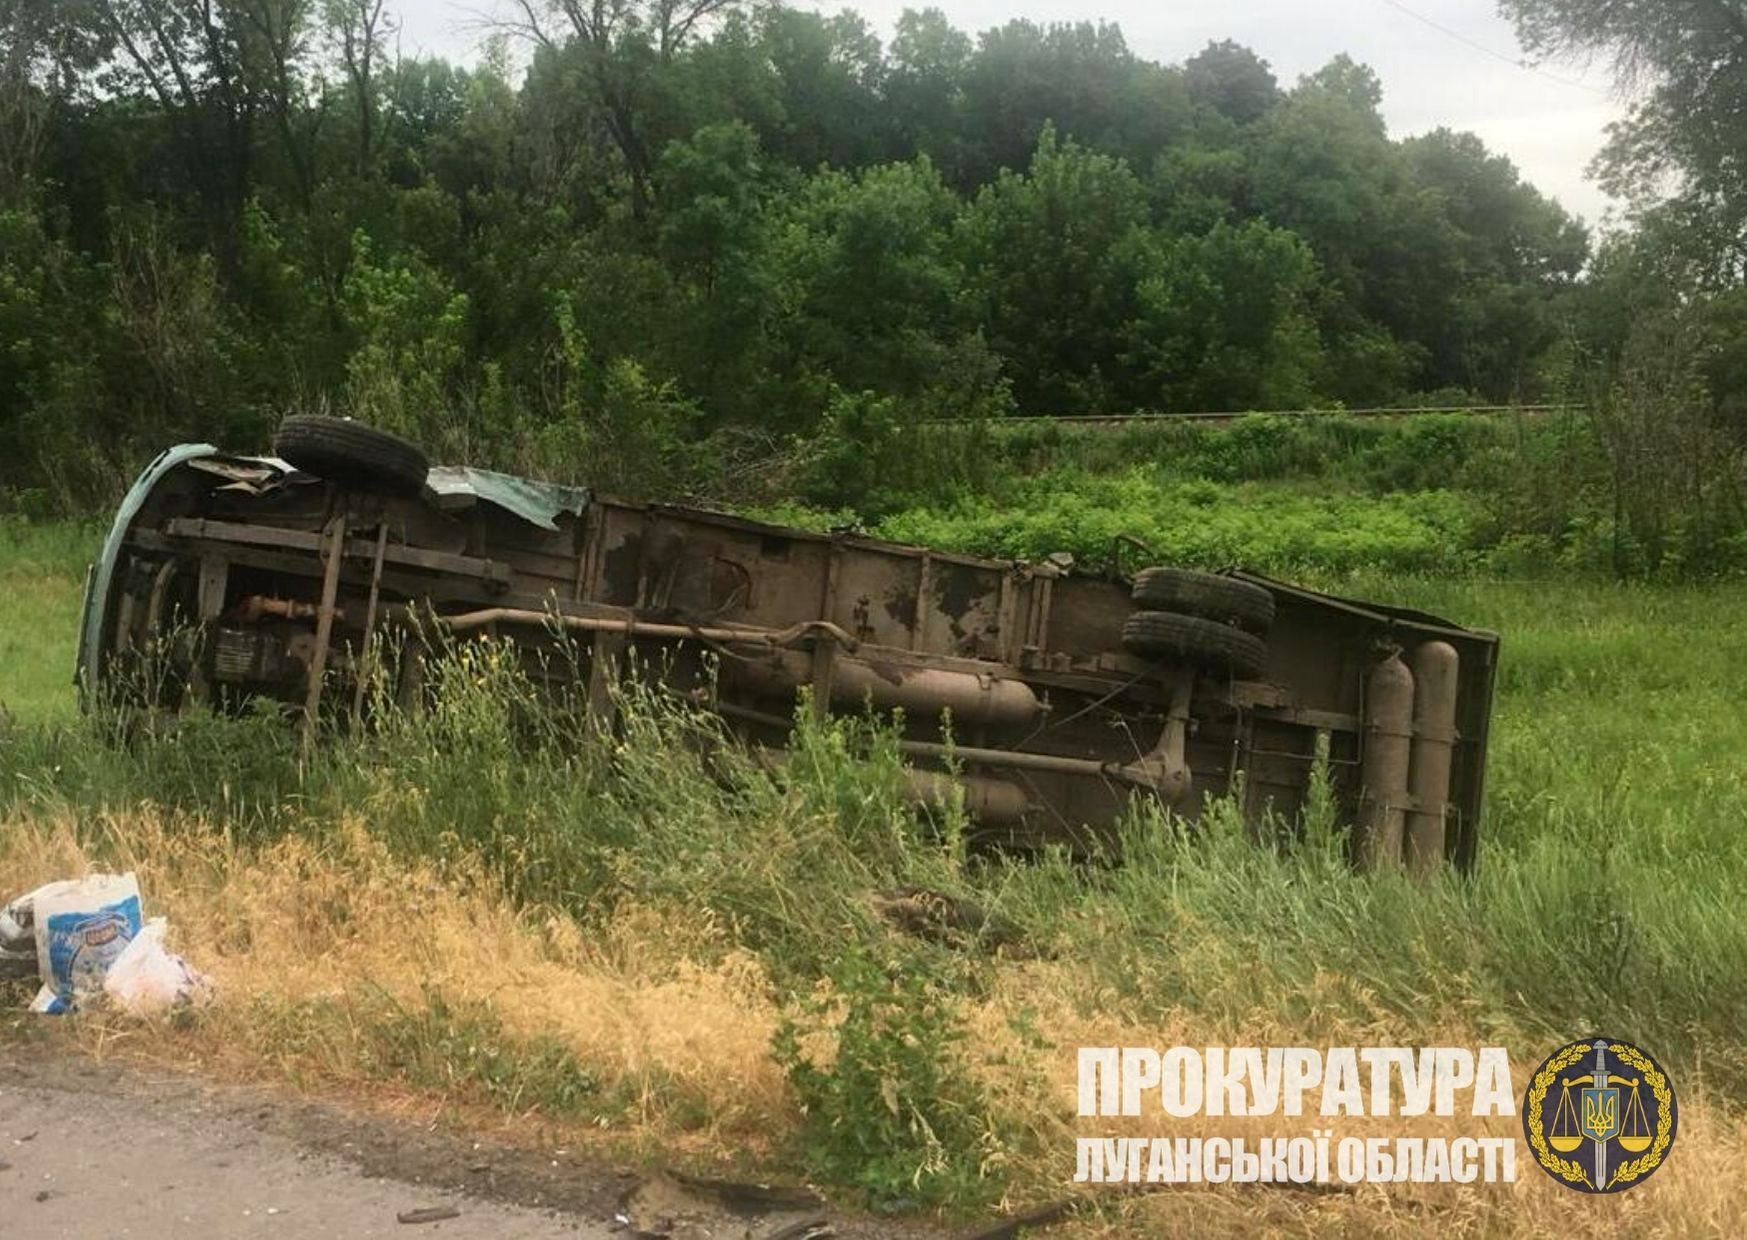 На Луганщине произошло масштабное ДТП с полицейским (Источник фото – прокуратура Луганской области)